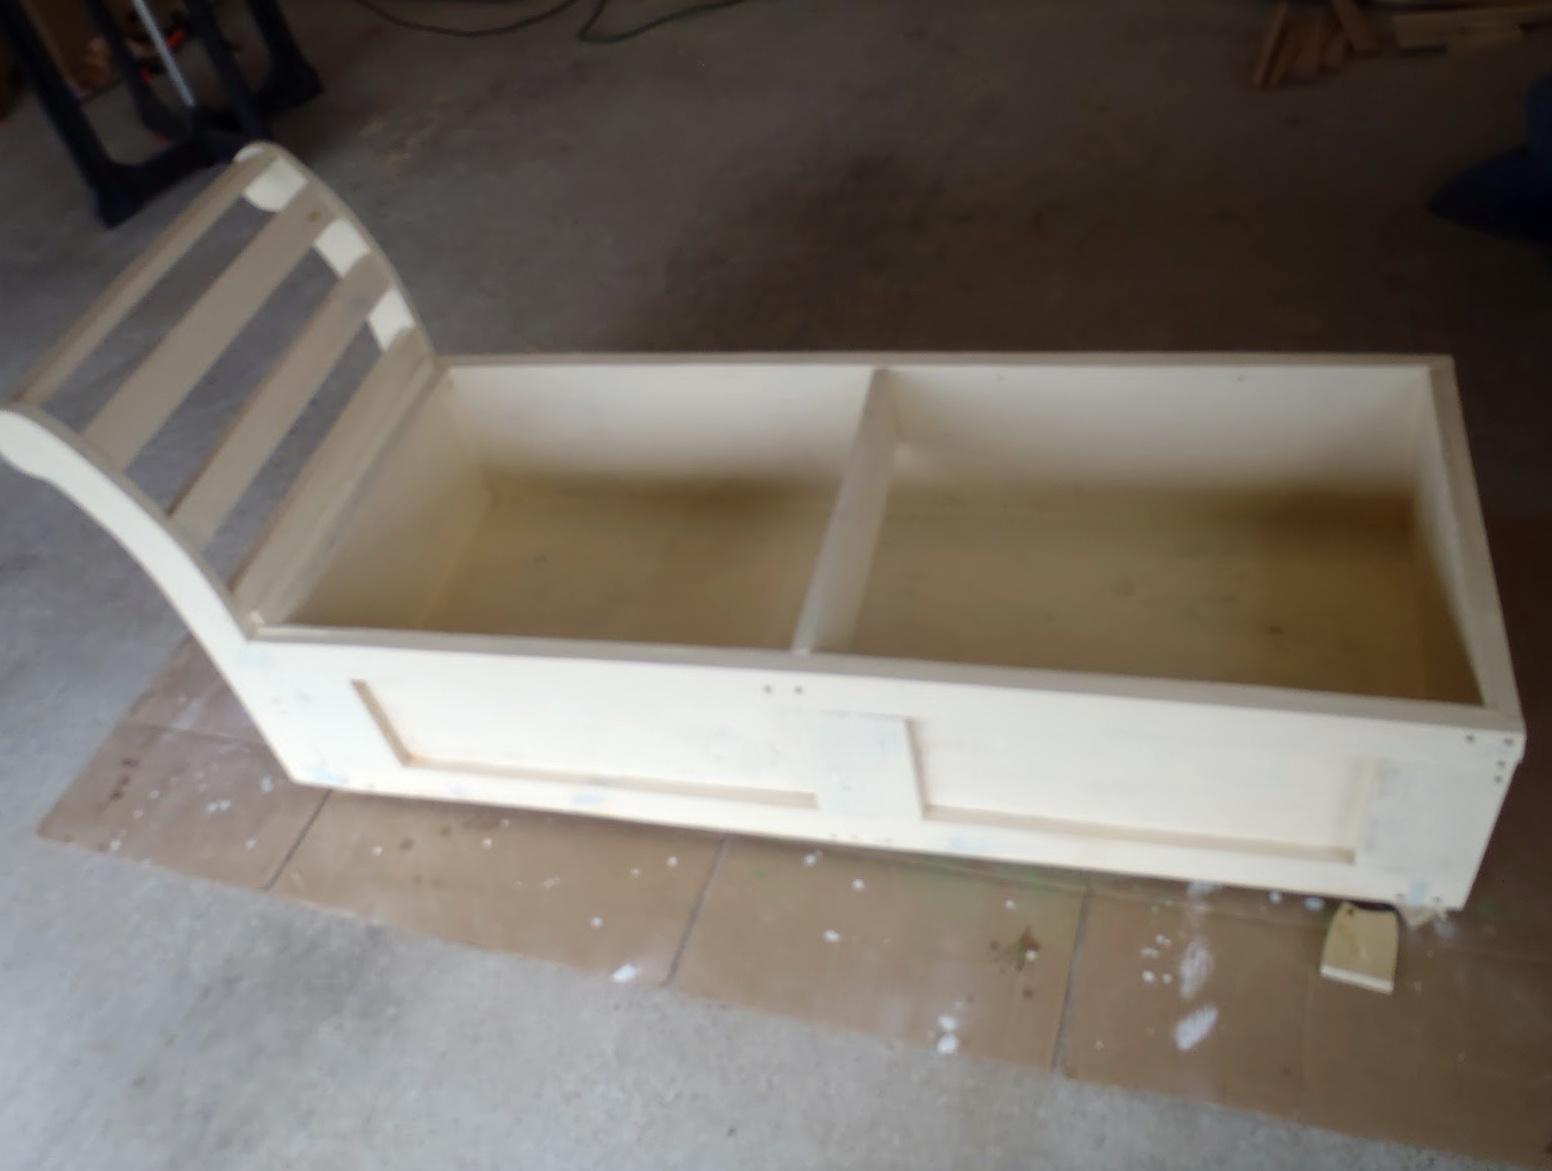 Pvc Chaise Lounge Plans